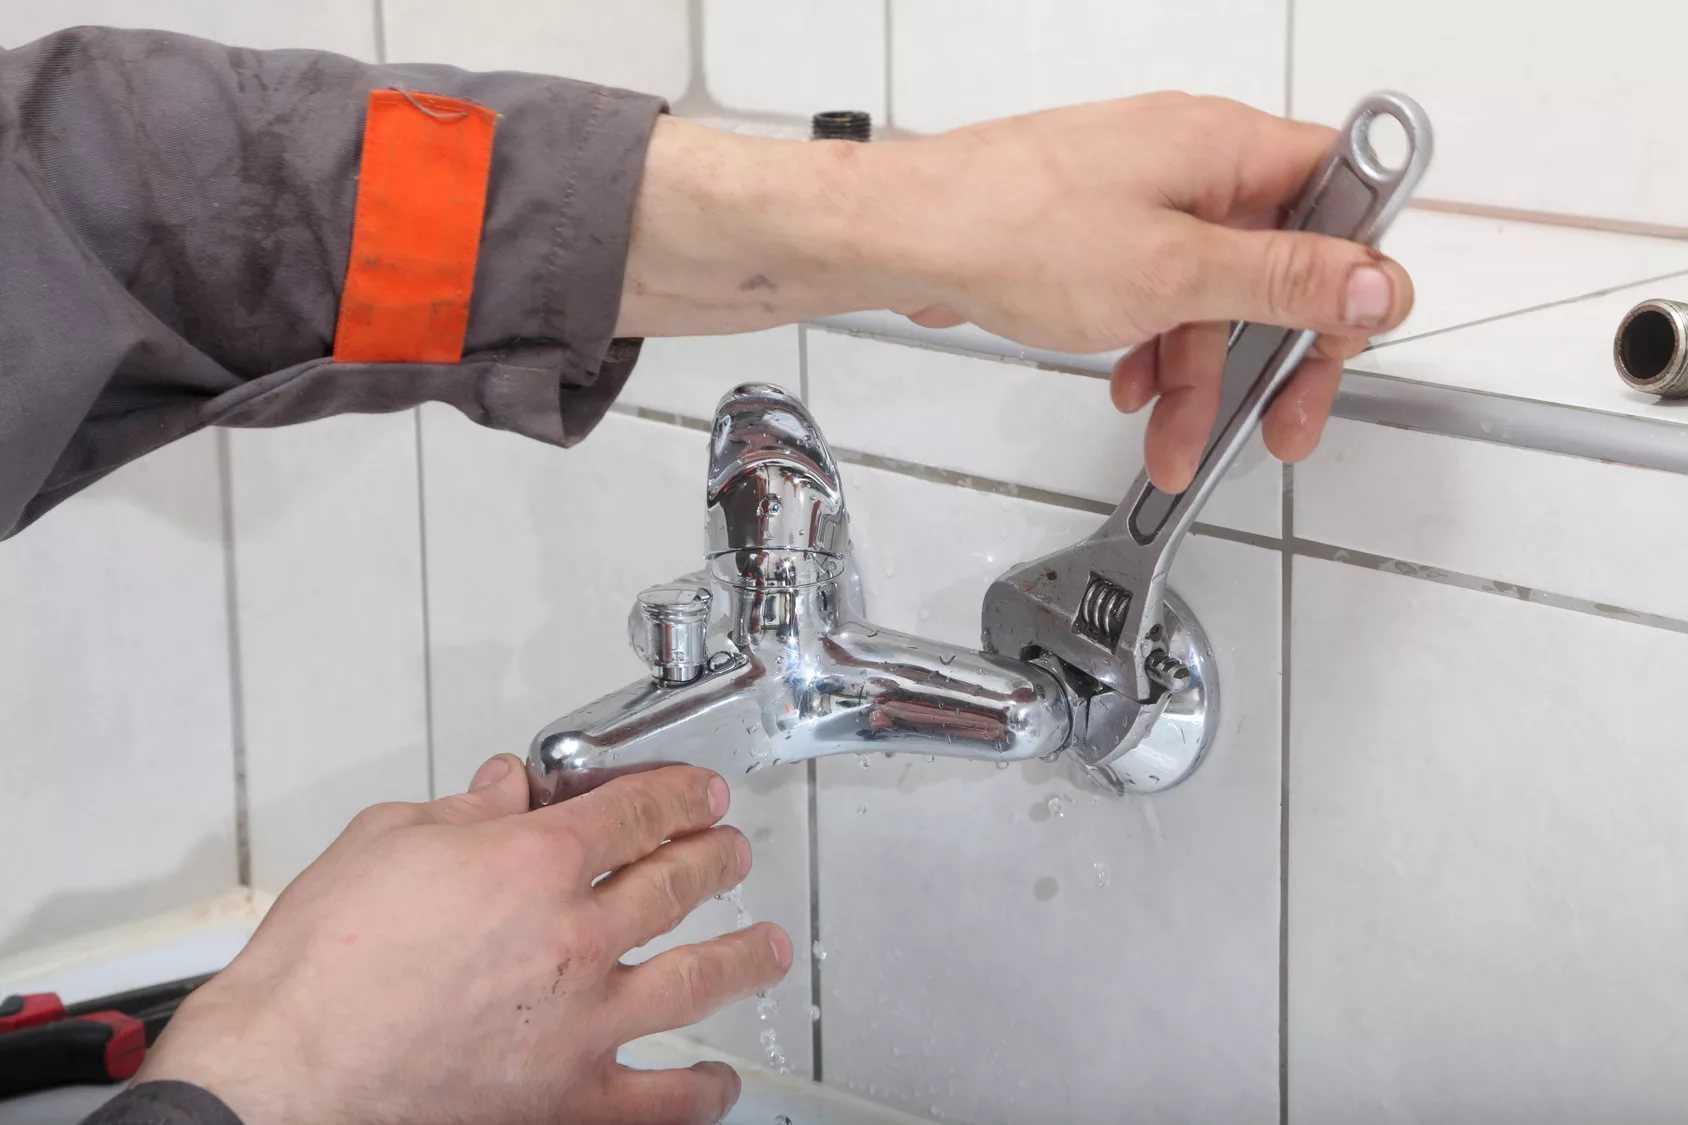 Как установить смеситель на кухне: установка крана, подключение, как поставить смеситель, монтаж, как подключить к водопроводу своими руками, как собрать, крепление к раковине